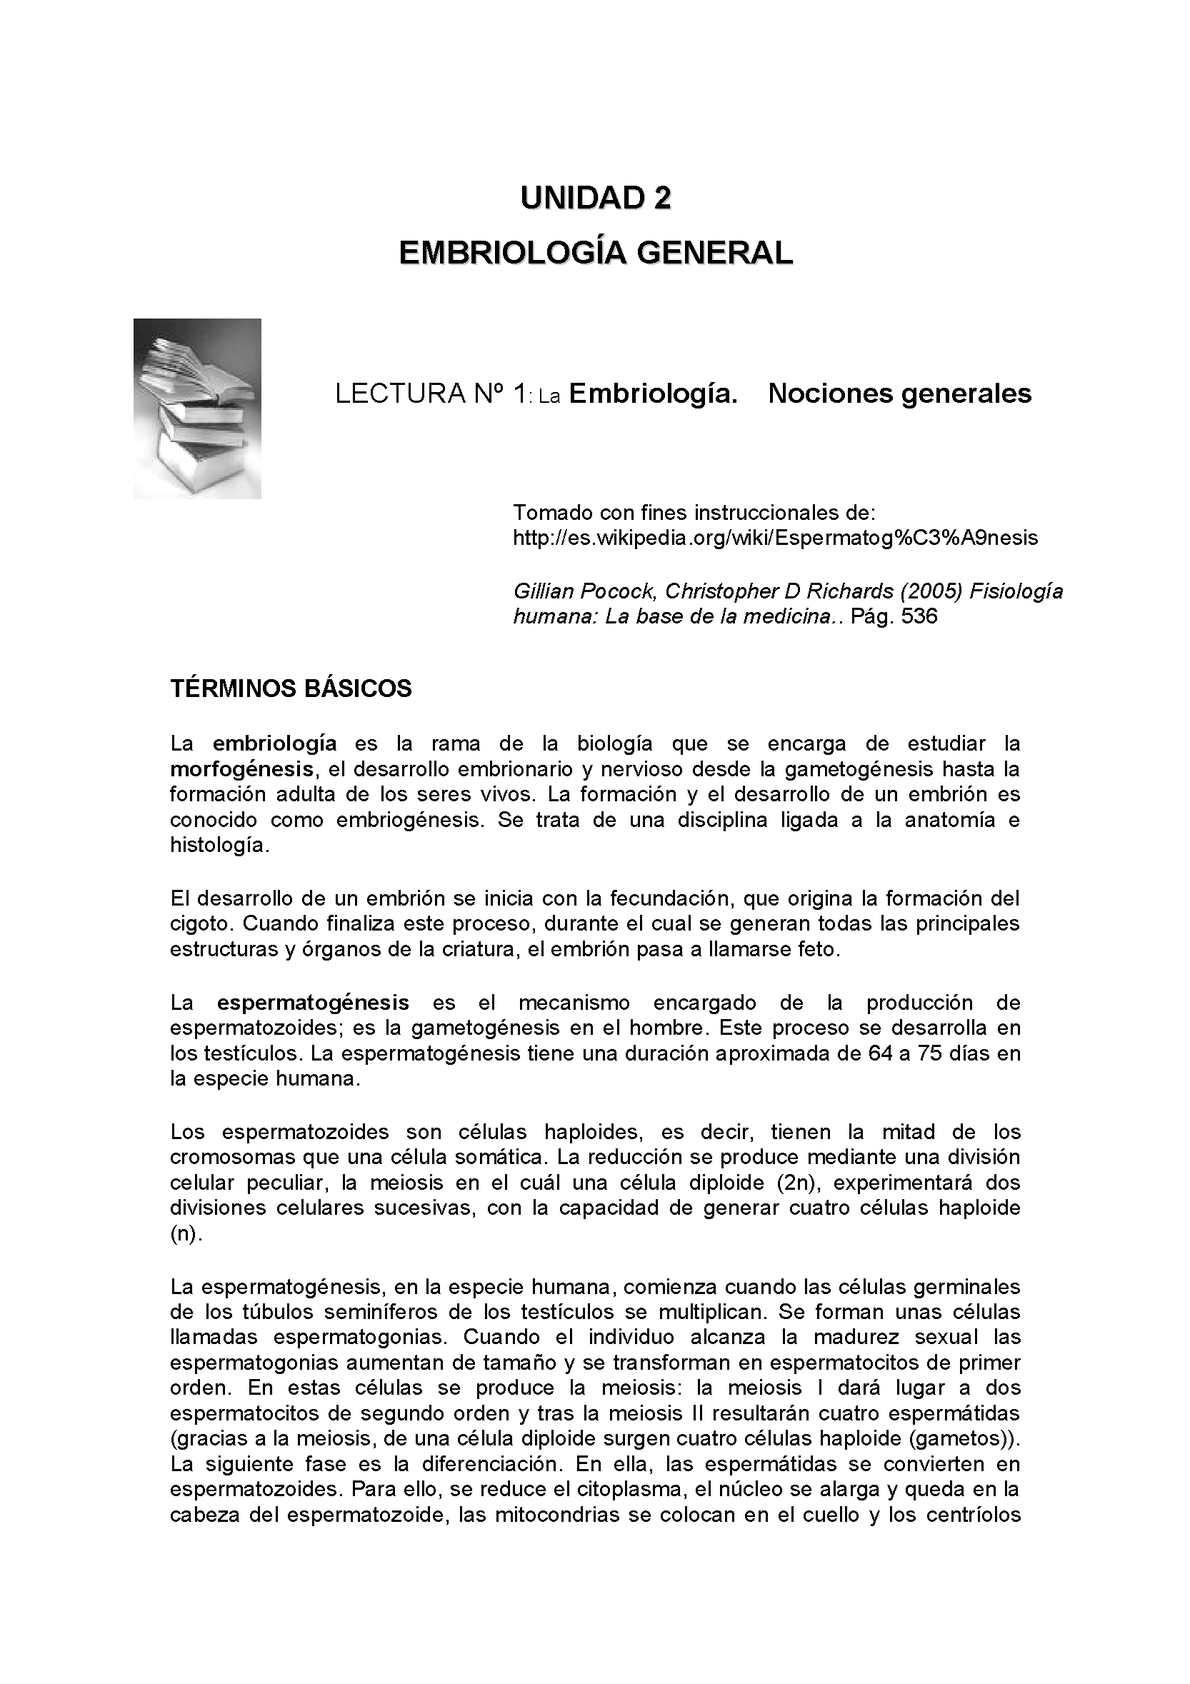 GUIA DE LECTURAS EMBRIOLOGÍA GENERAL - CALAMEO Downloader